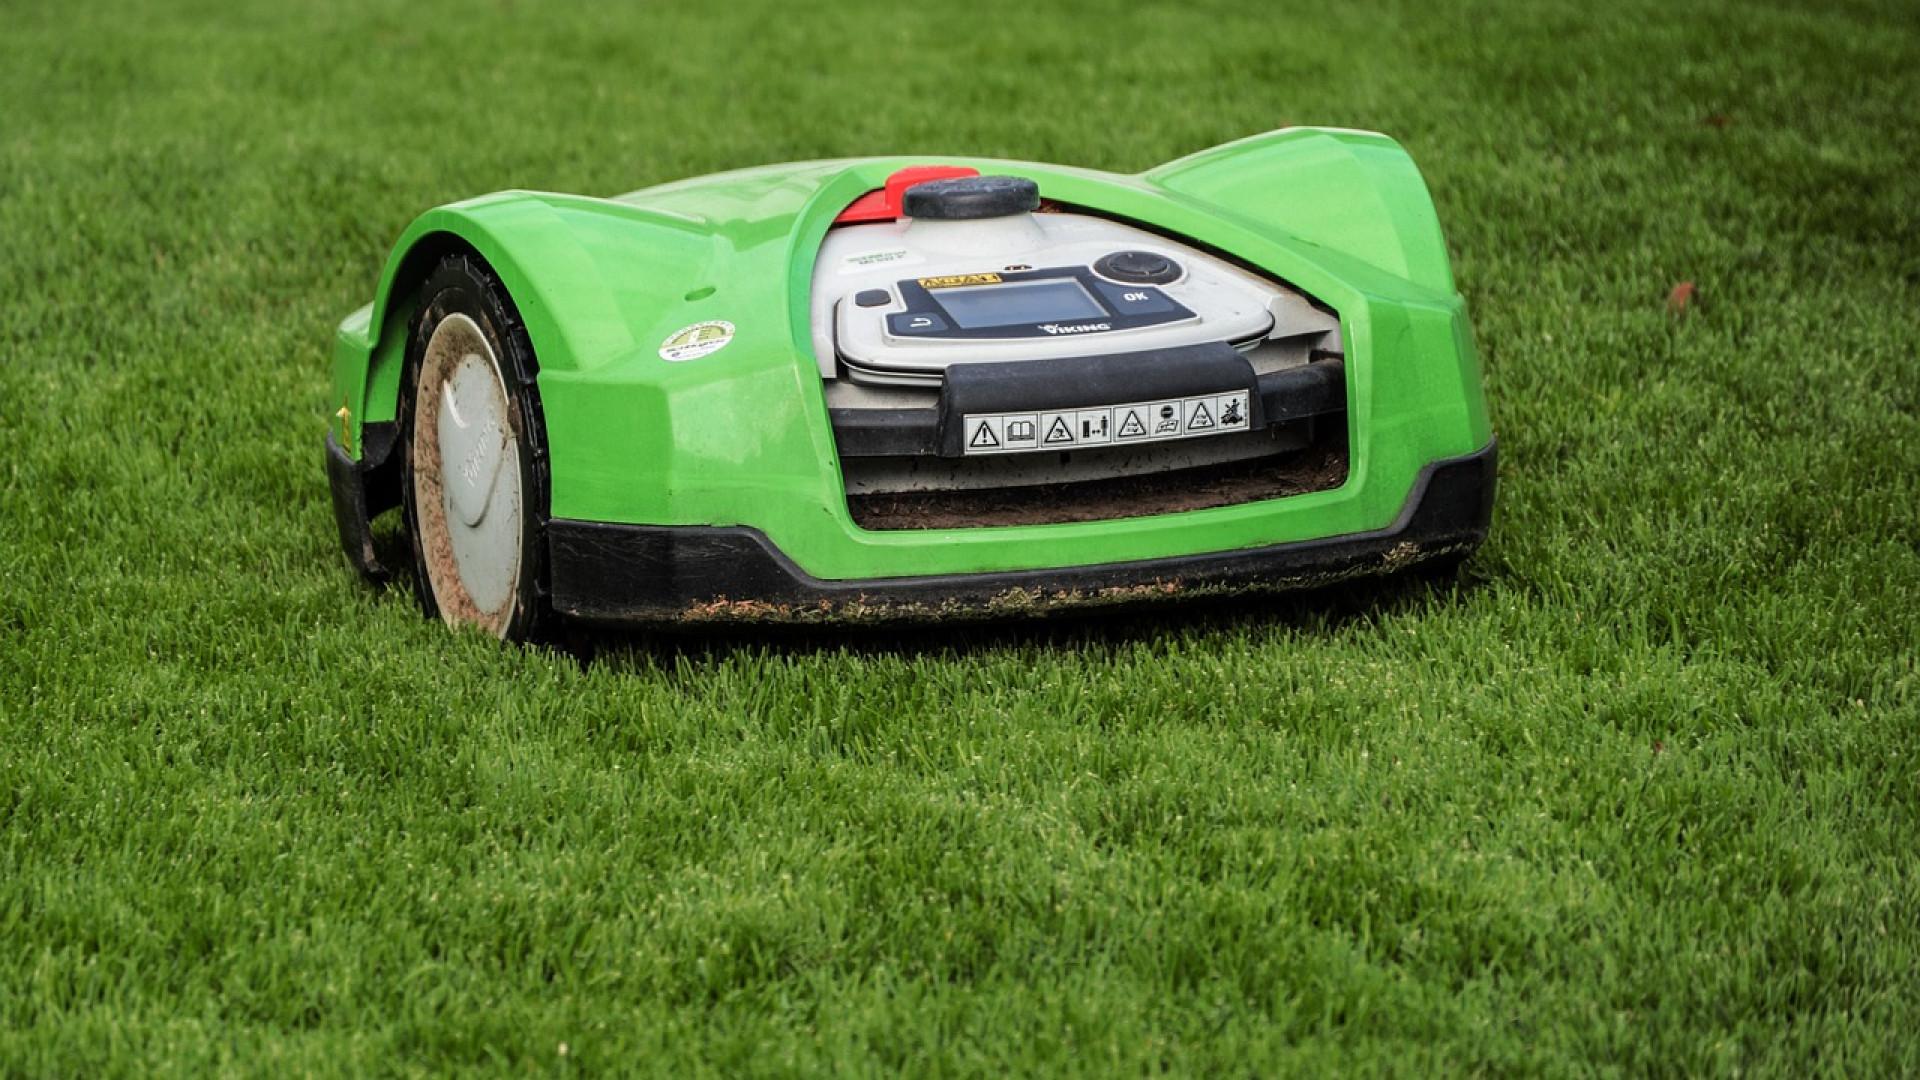 Entretenez votre jardin sans effort avec un robot-tondeuse